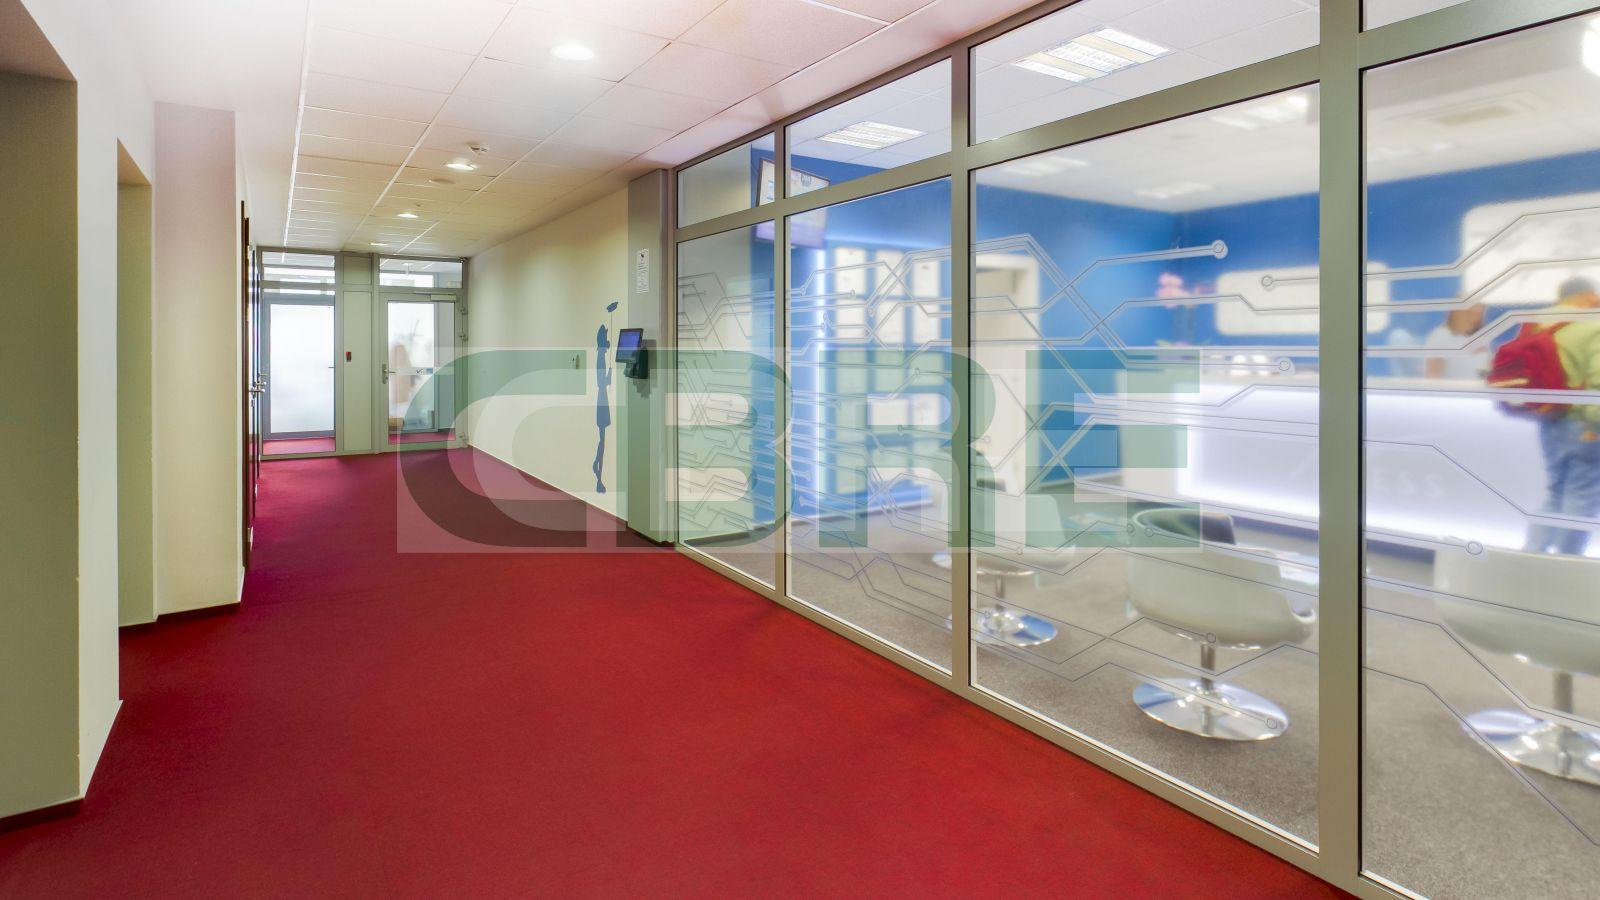 BCM BUSINESS CENTER MOLDAVSKÁ, Košice, Košice - Staré Mesto | Offices for rent by CBRE | 5